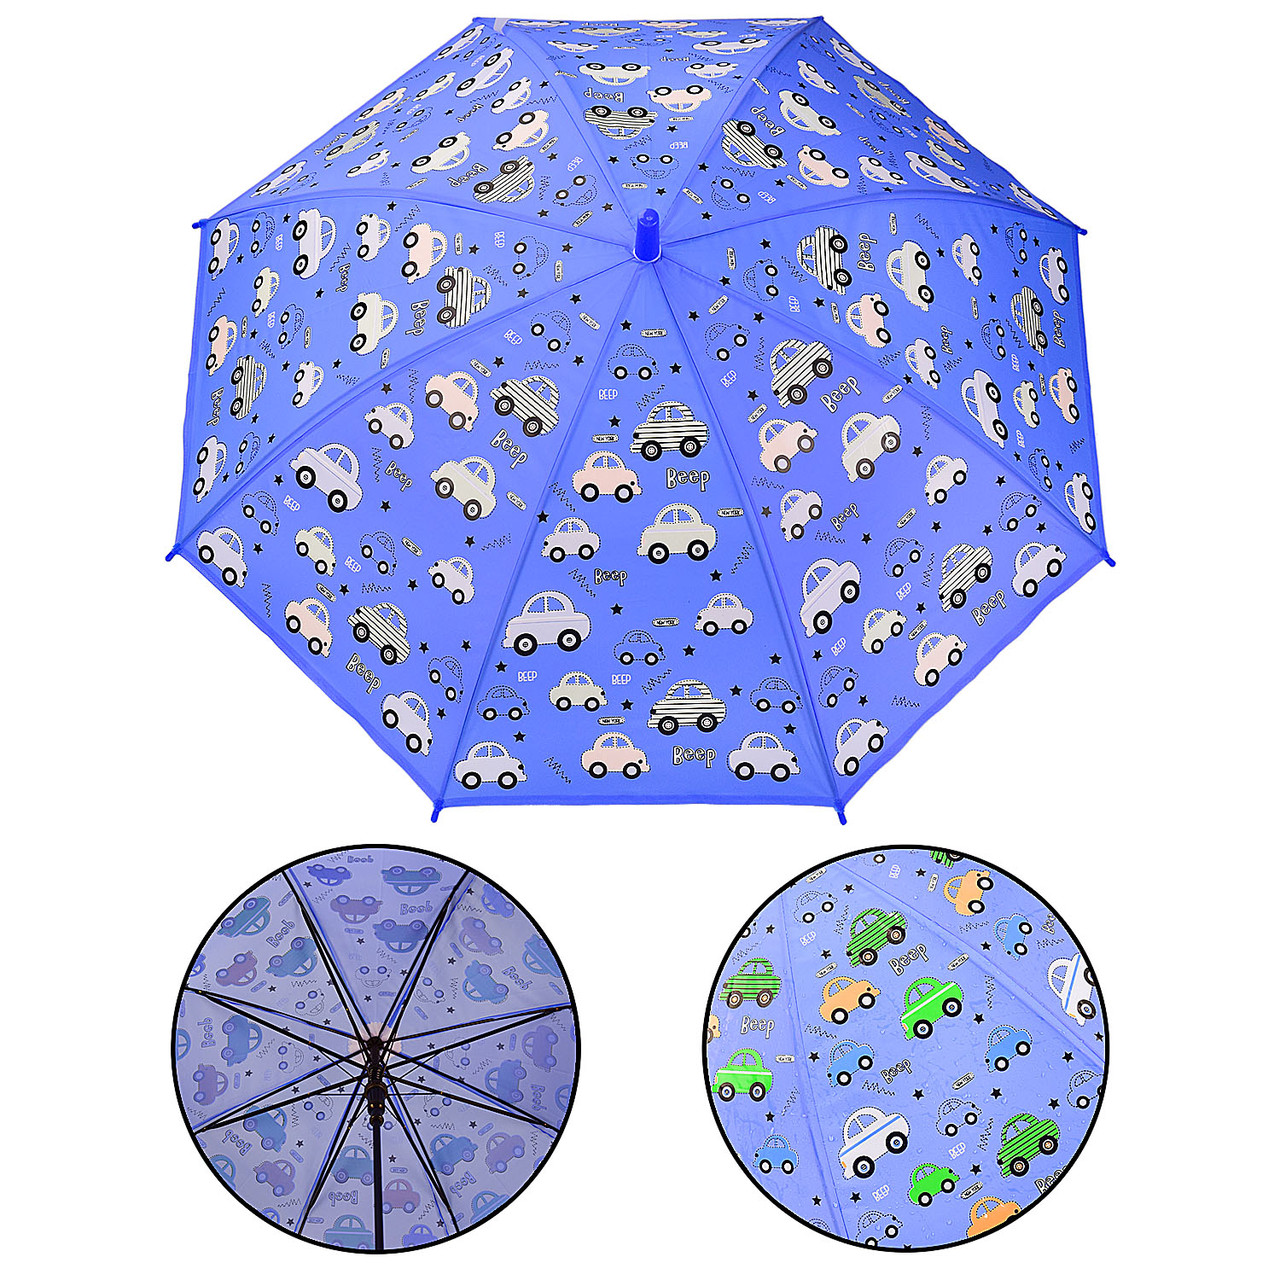 Парасолька дитяча UM522 (60шт|5) машинки, при намоканні проявляється колір, р-р тростини - 66 см, діаметр в